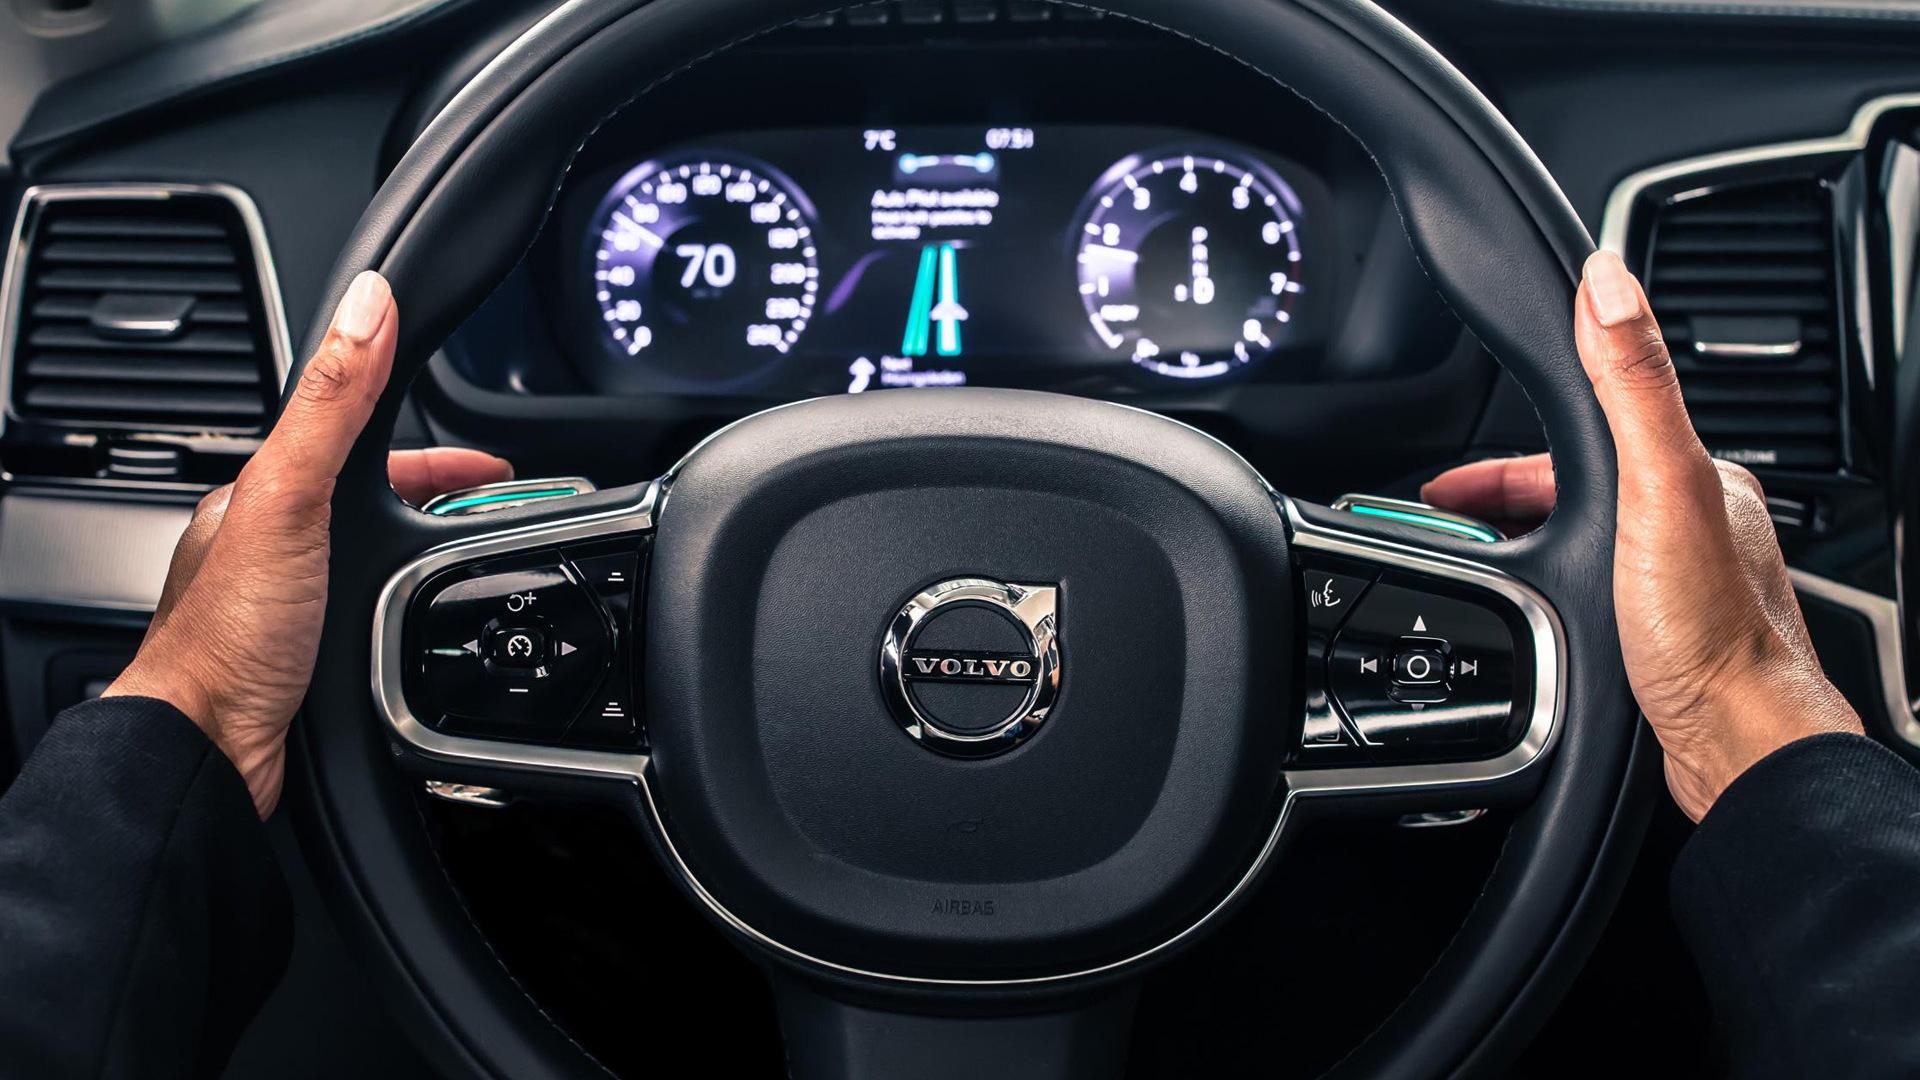 Volvo Drive Me autonomous car pilot project in Gothenburg, Sweden